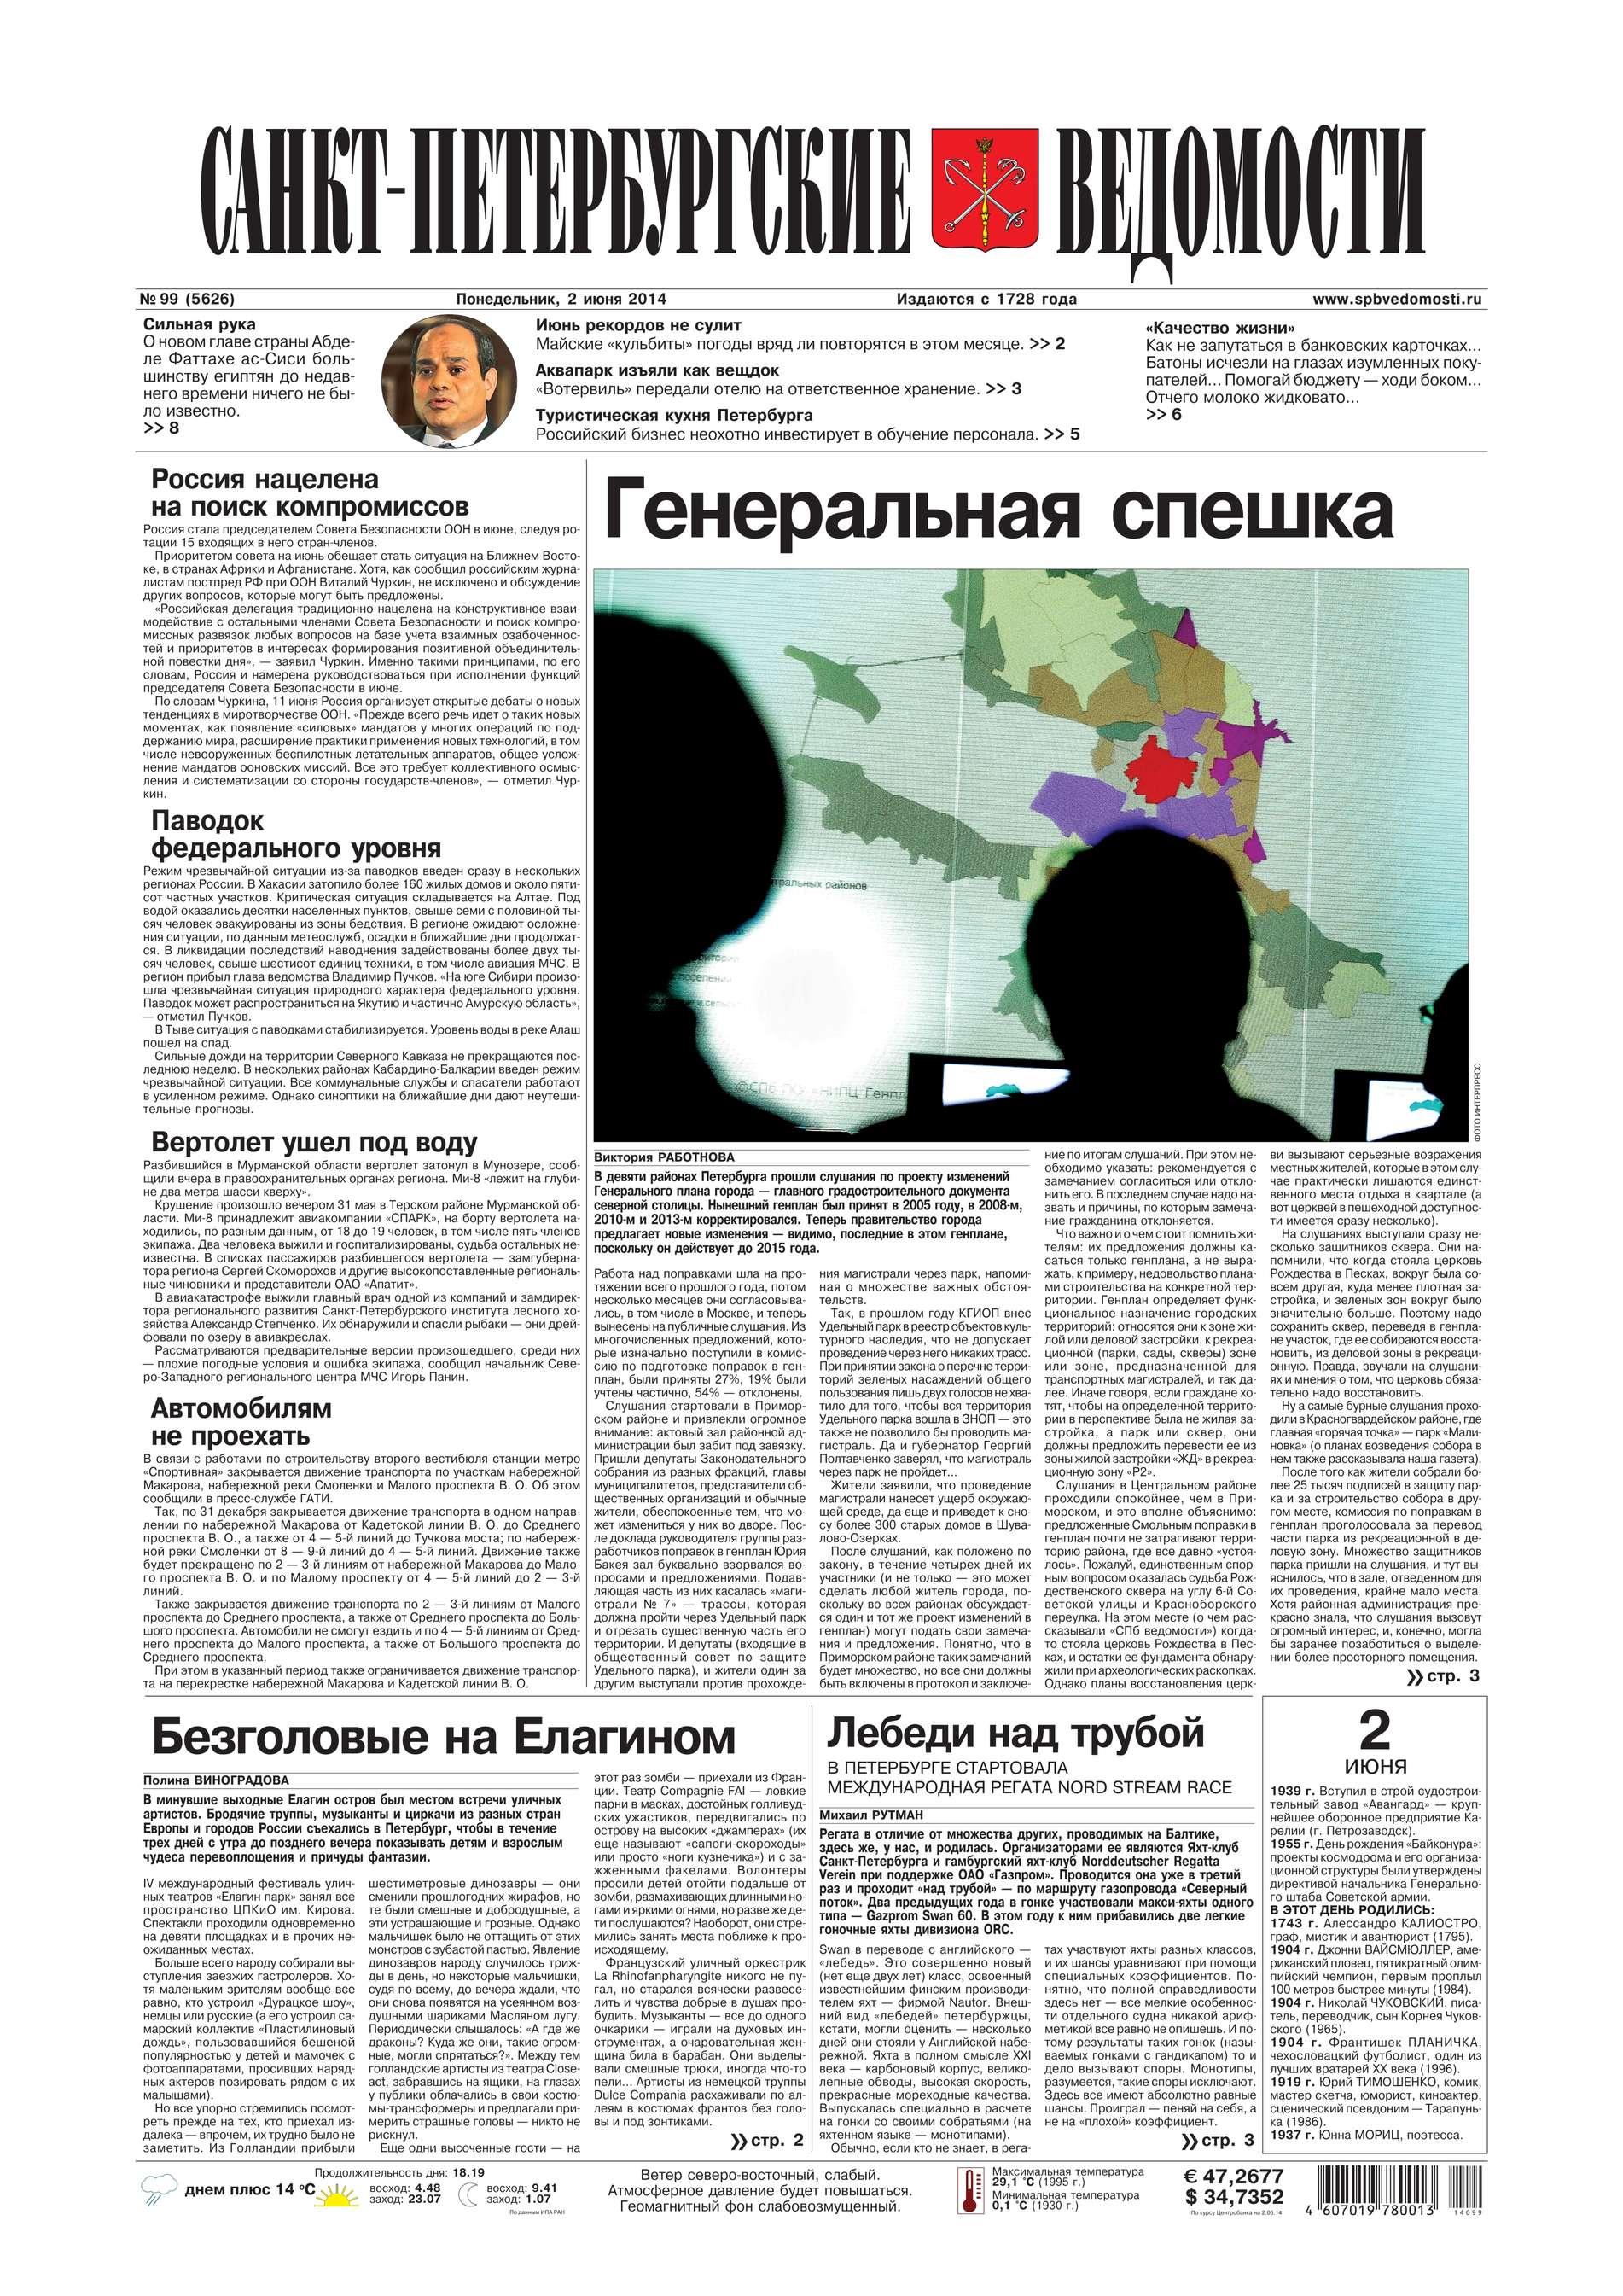 Санкт-Петербургские ведомости 99-2014